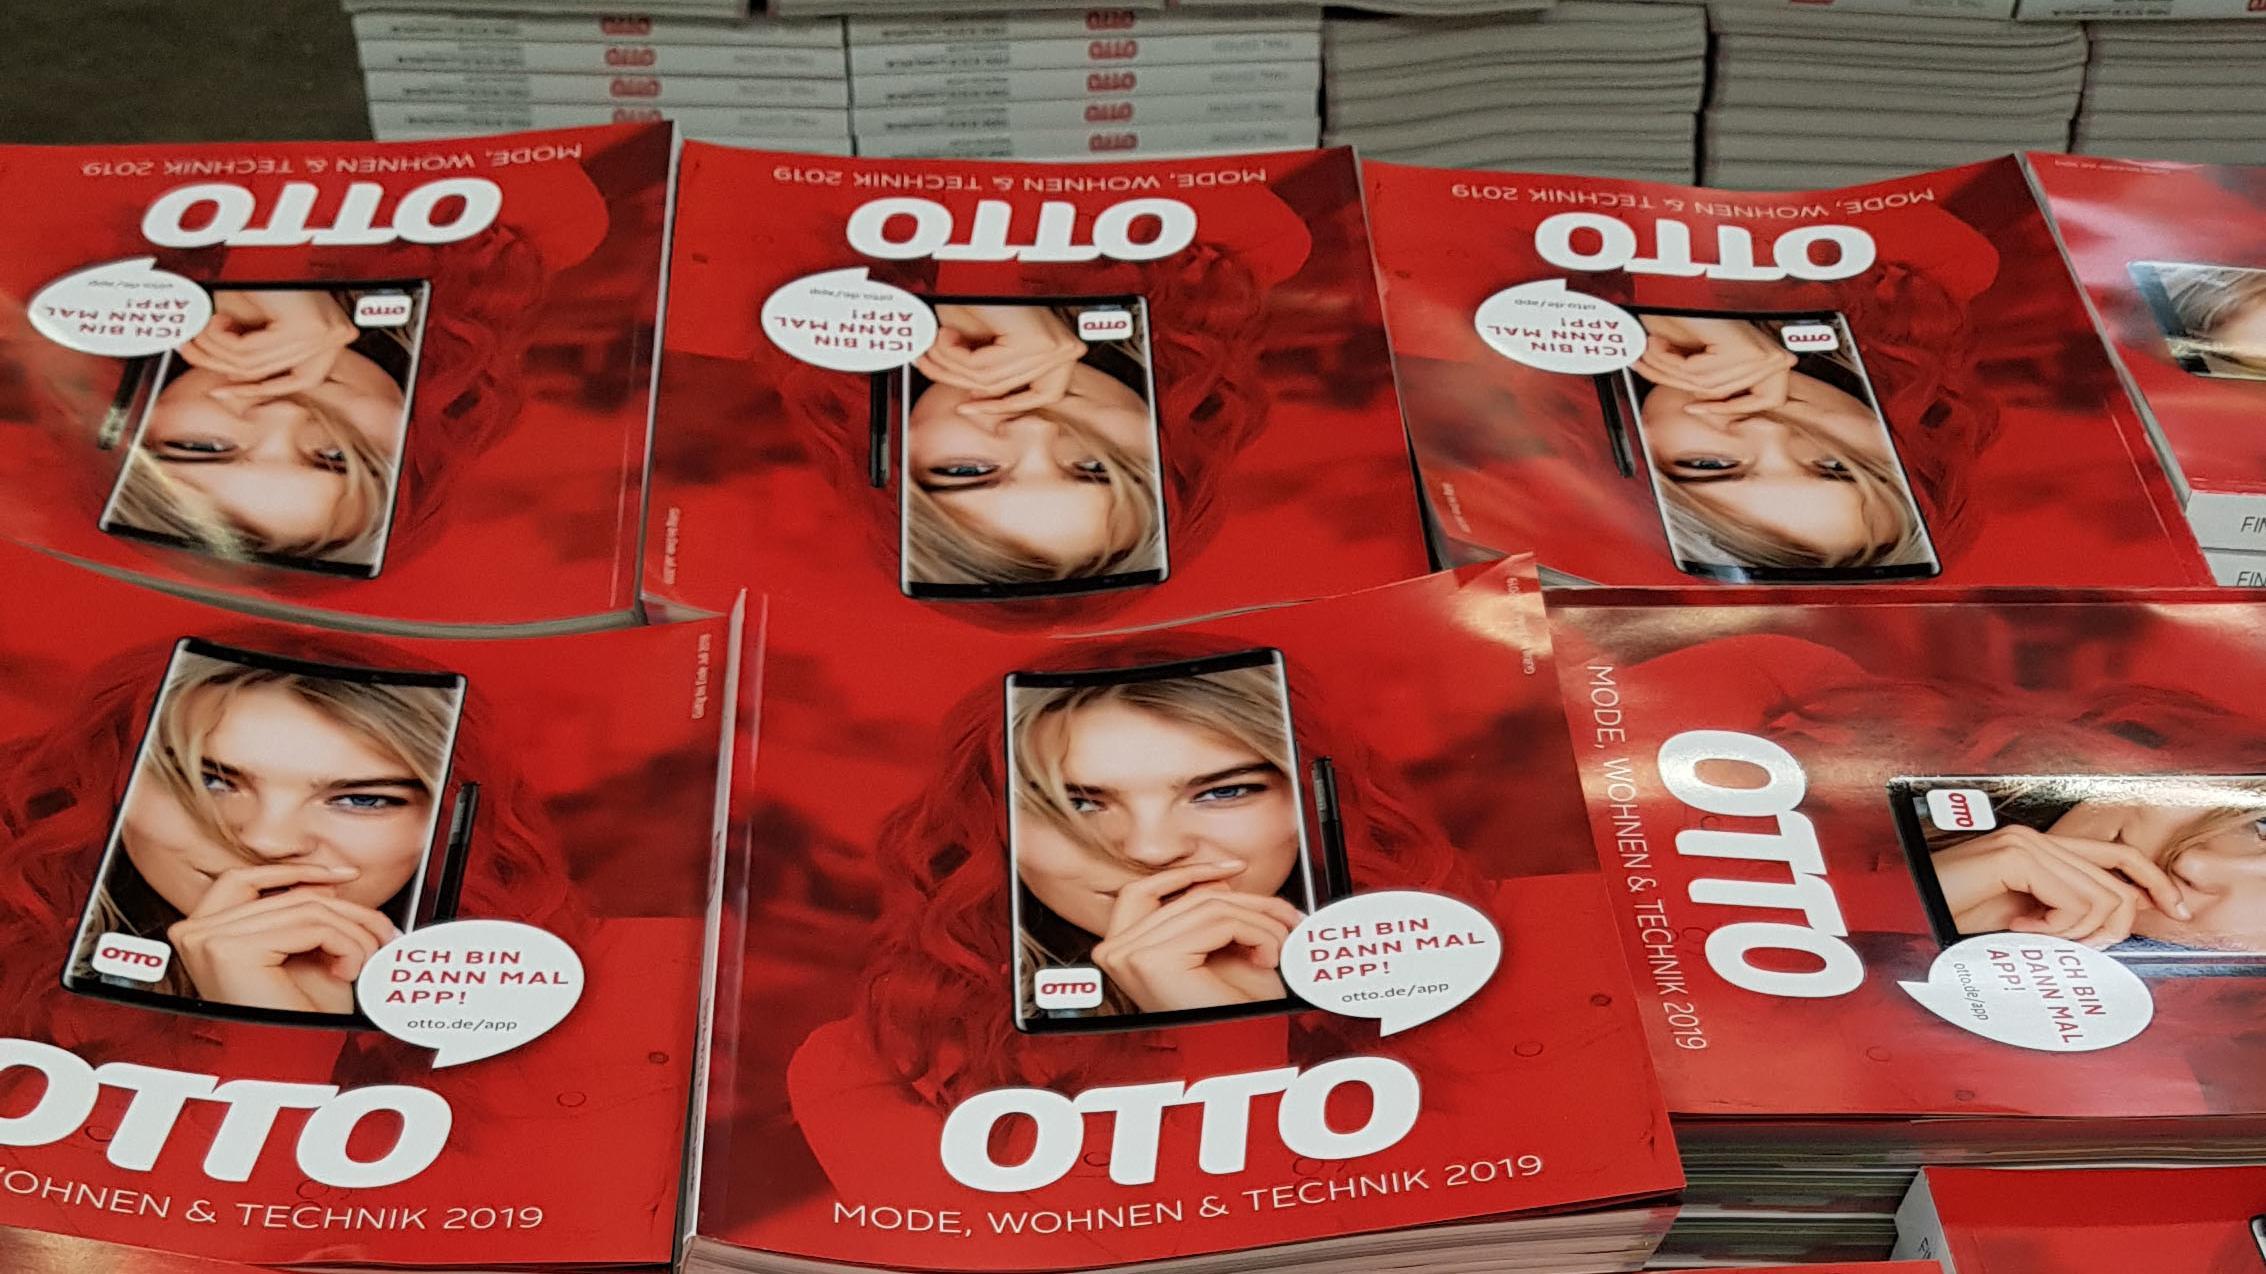 Nürnberg: Der letzte Otto-Katalog ist gedruckt.